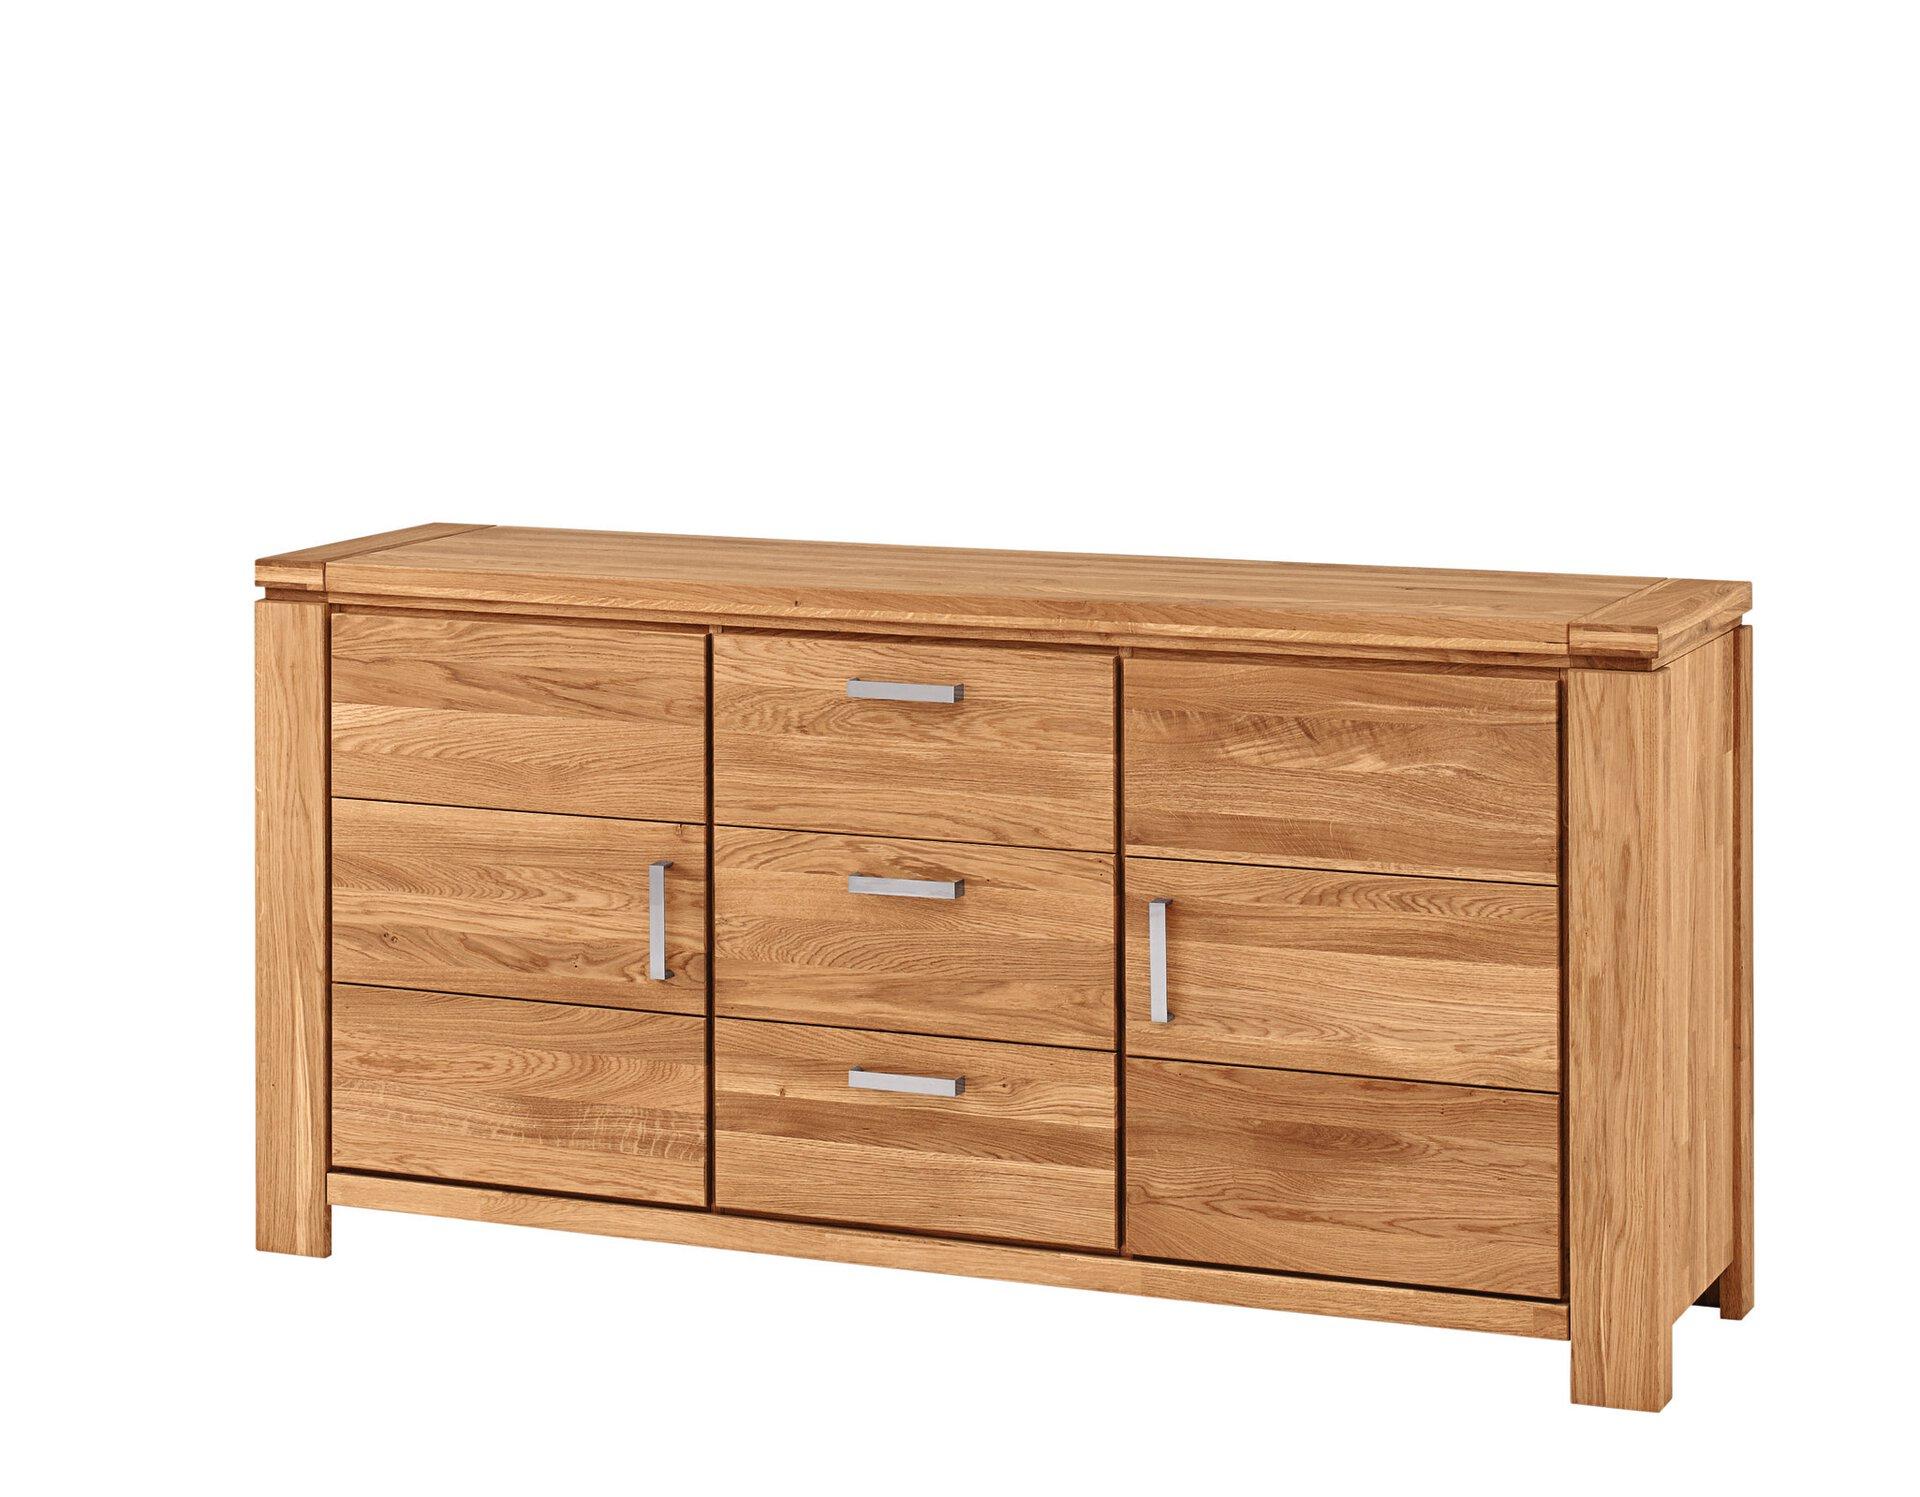 Sideboard GLANDIS VALMONDO Holz braun 85 x 1 x 2 cm